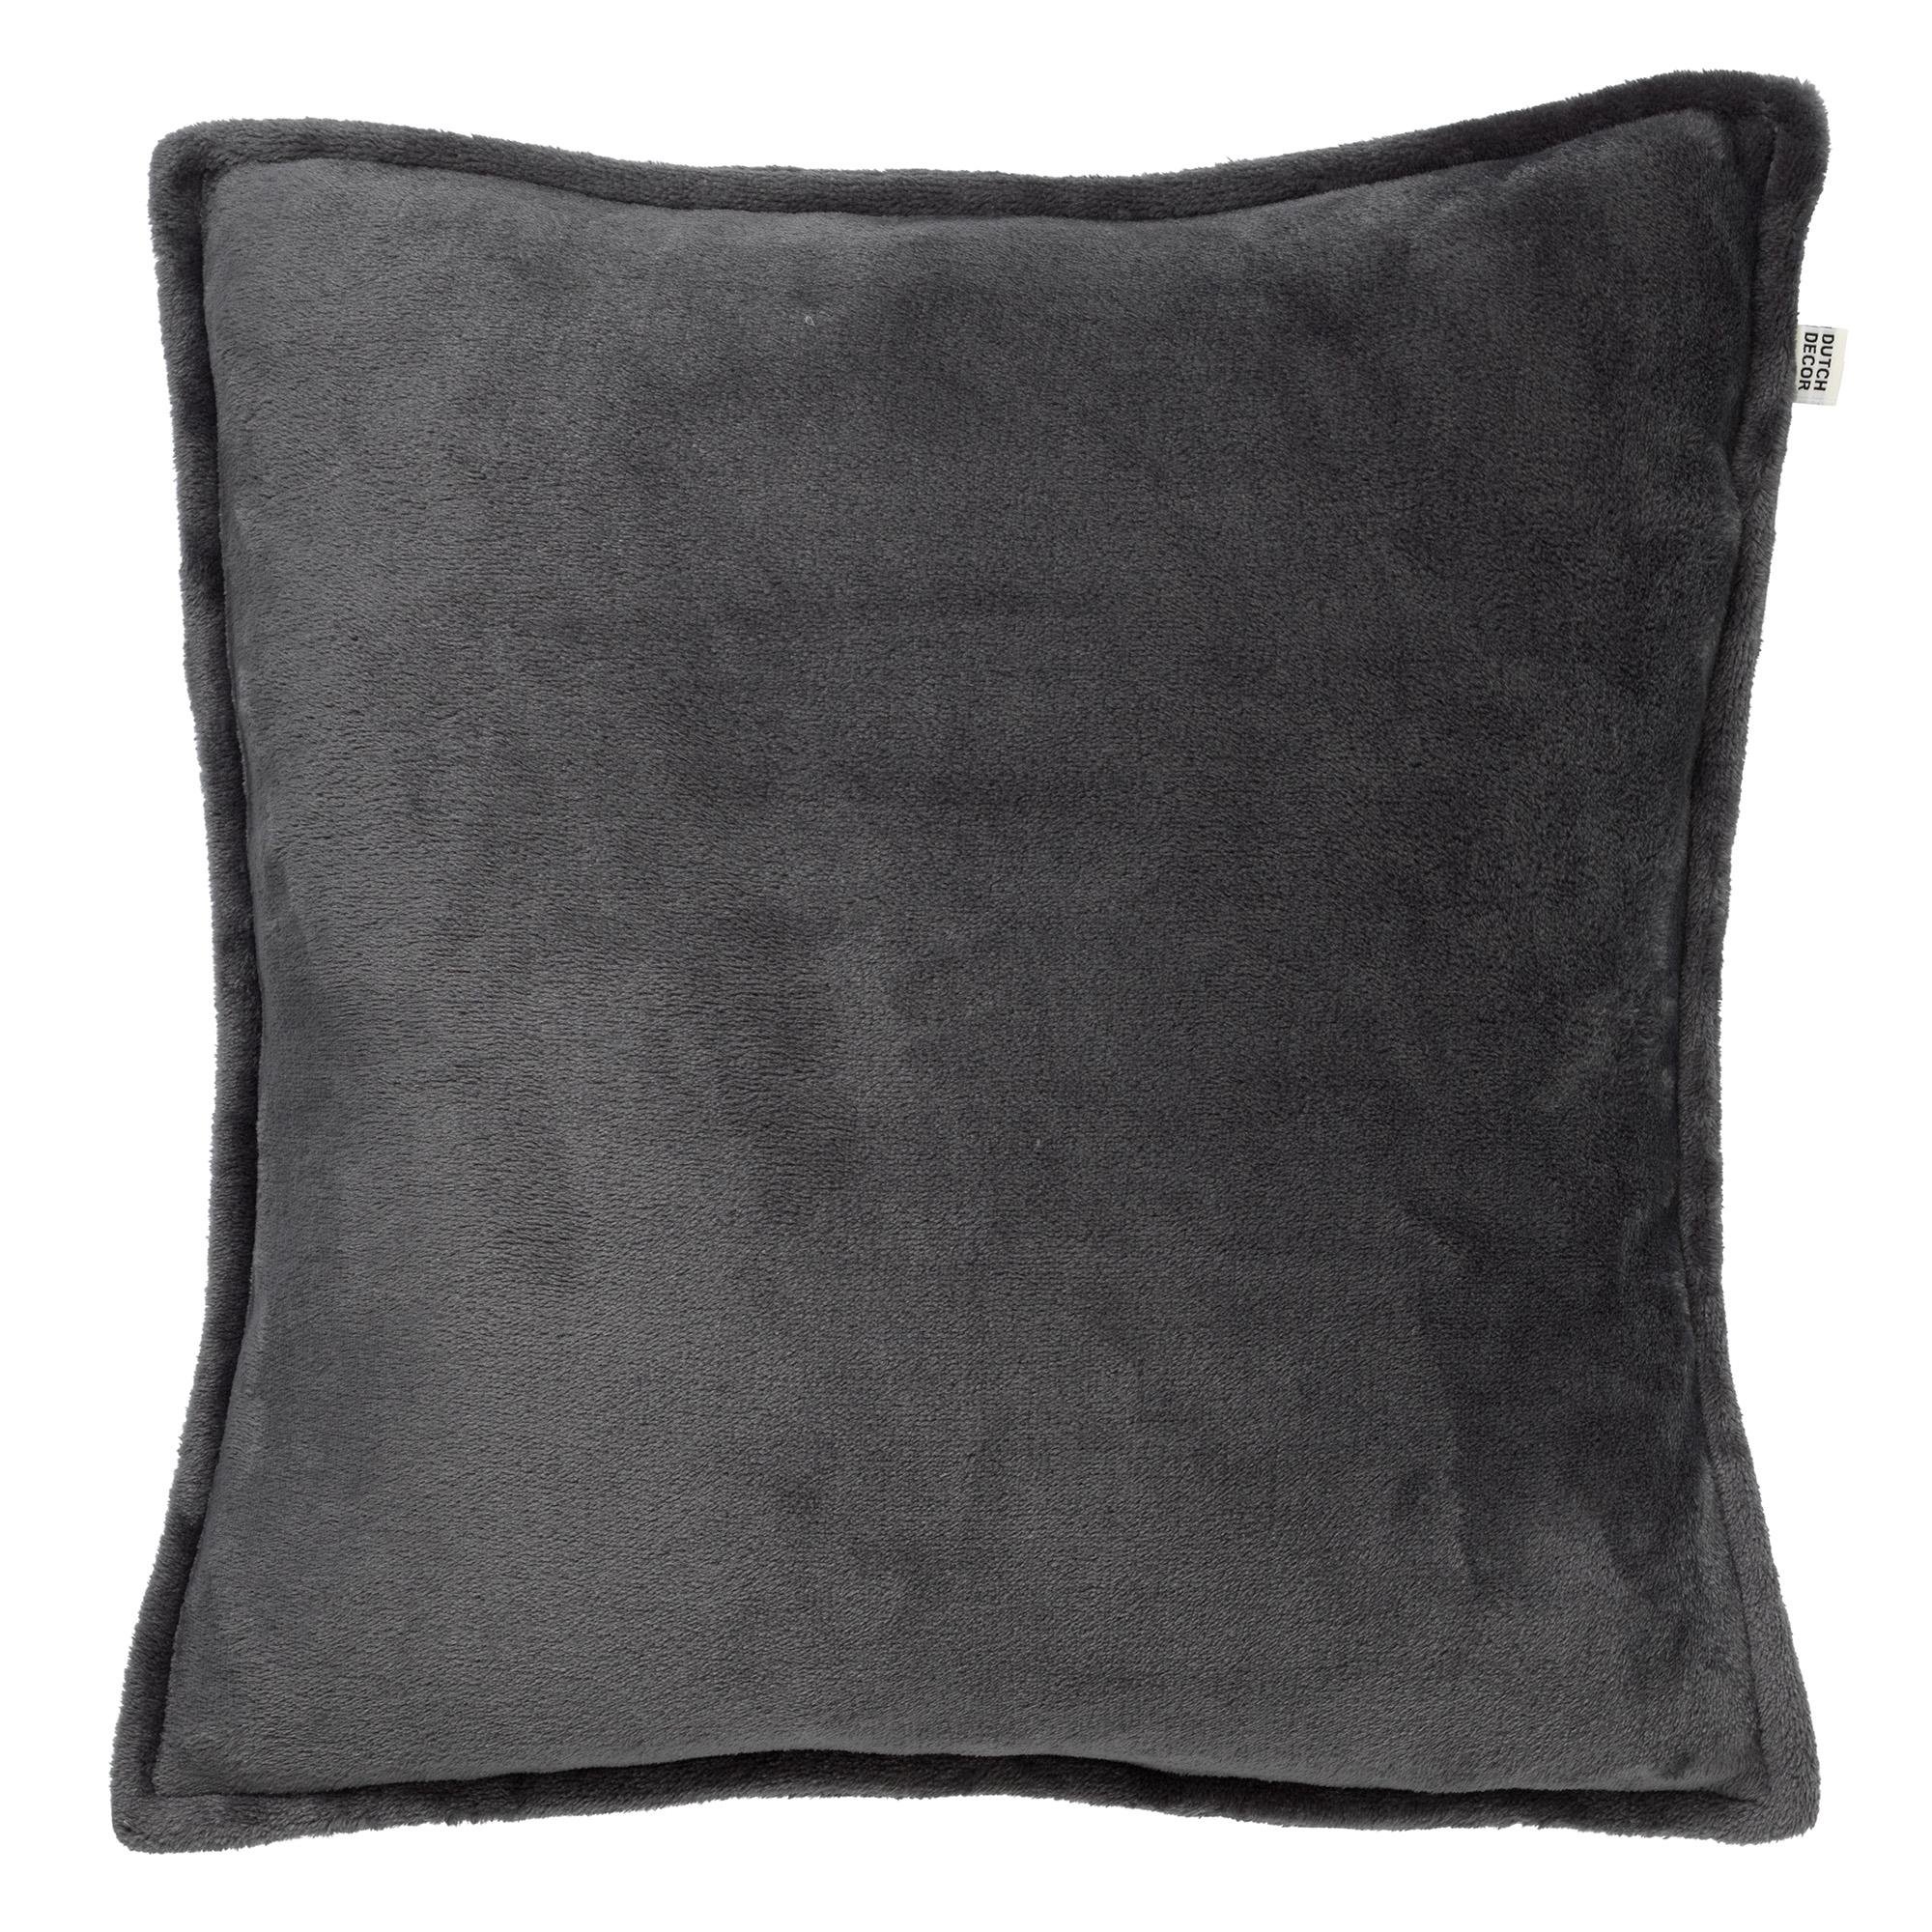 CILLY - Sierkussen van fleece Charcoal Gray 45x45 cm